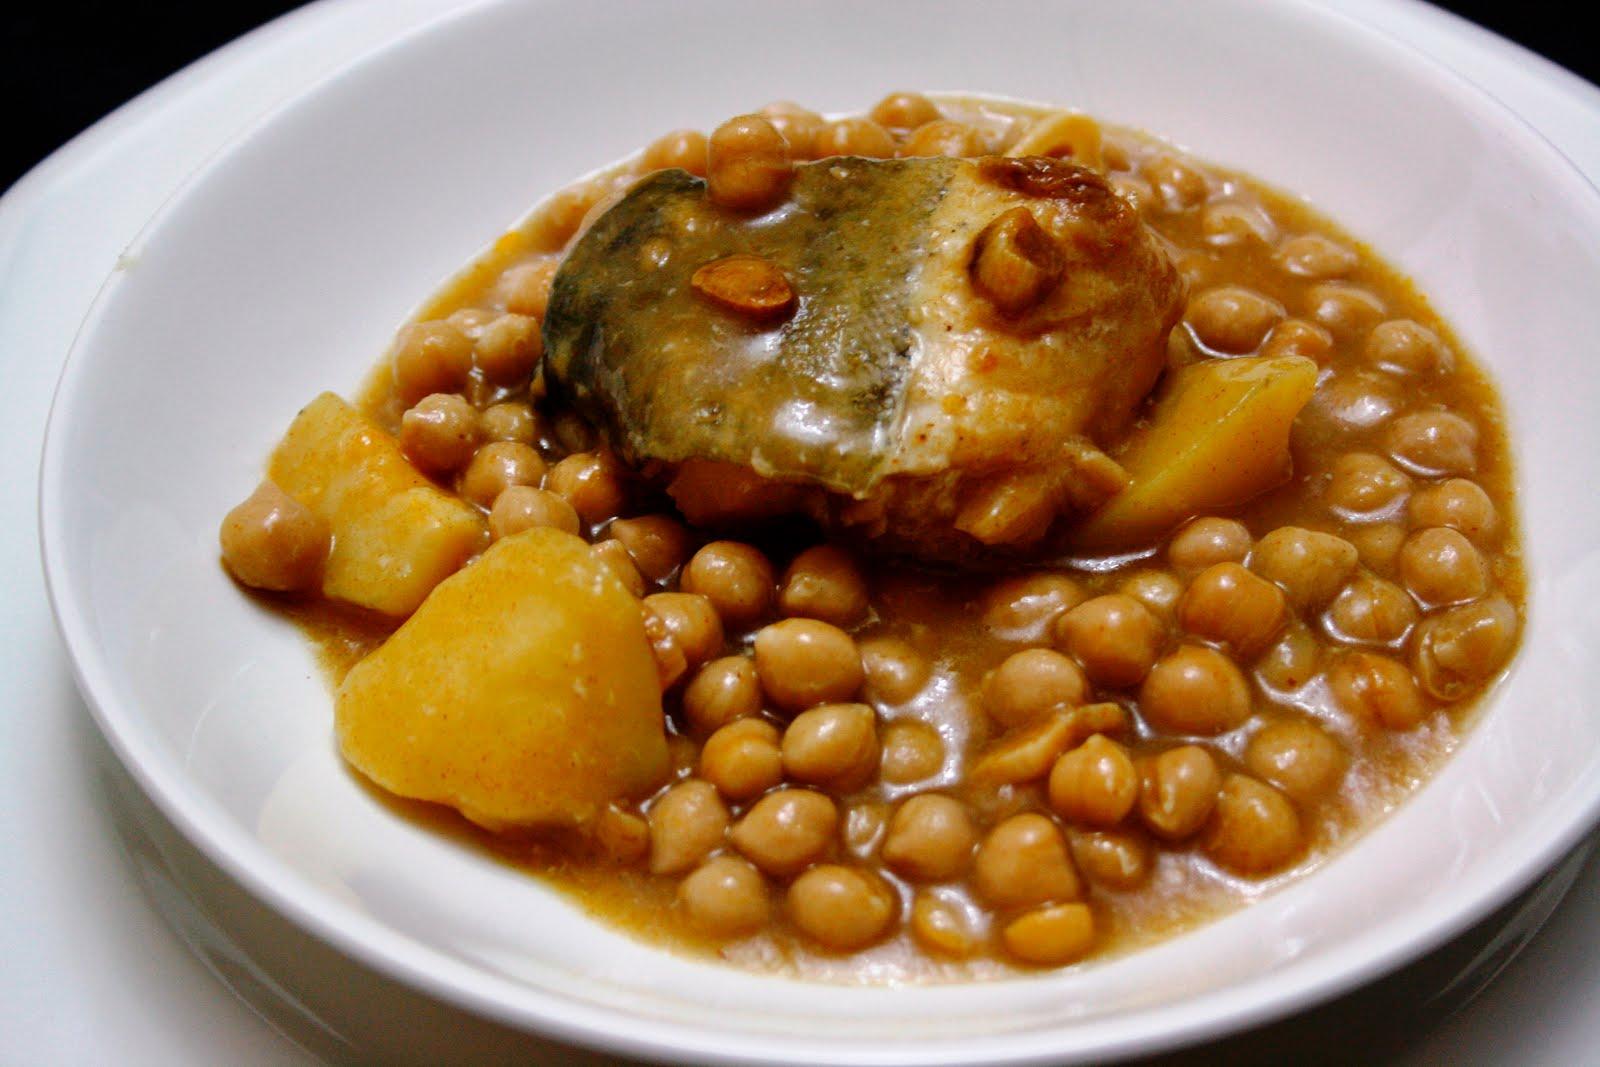 La cocina de maricarmen garbanzos con bacalao - Cocinas maricarmen ...